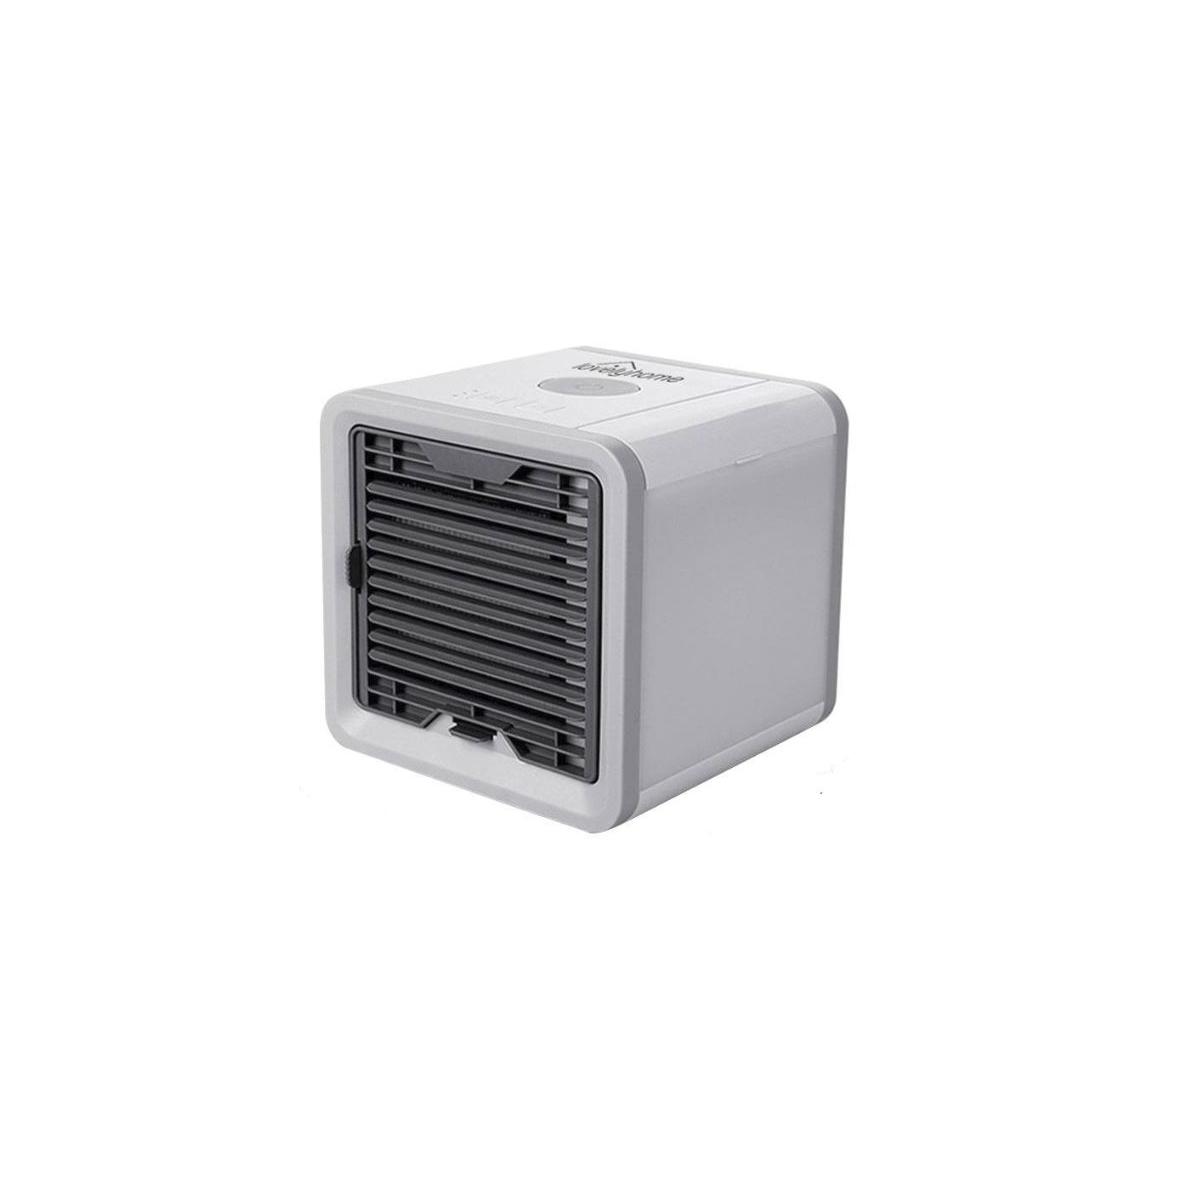 IAG-Desktop-Portable USB-Air-Conditioner-1-1200×1200